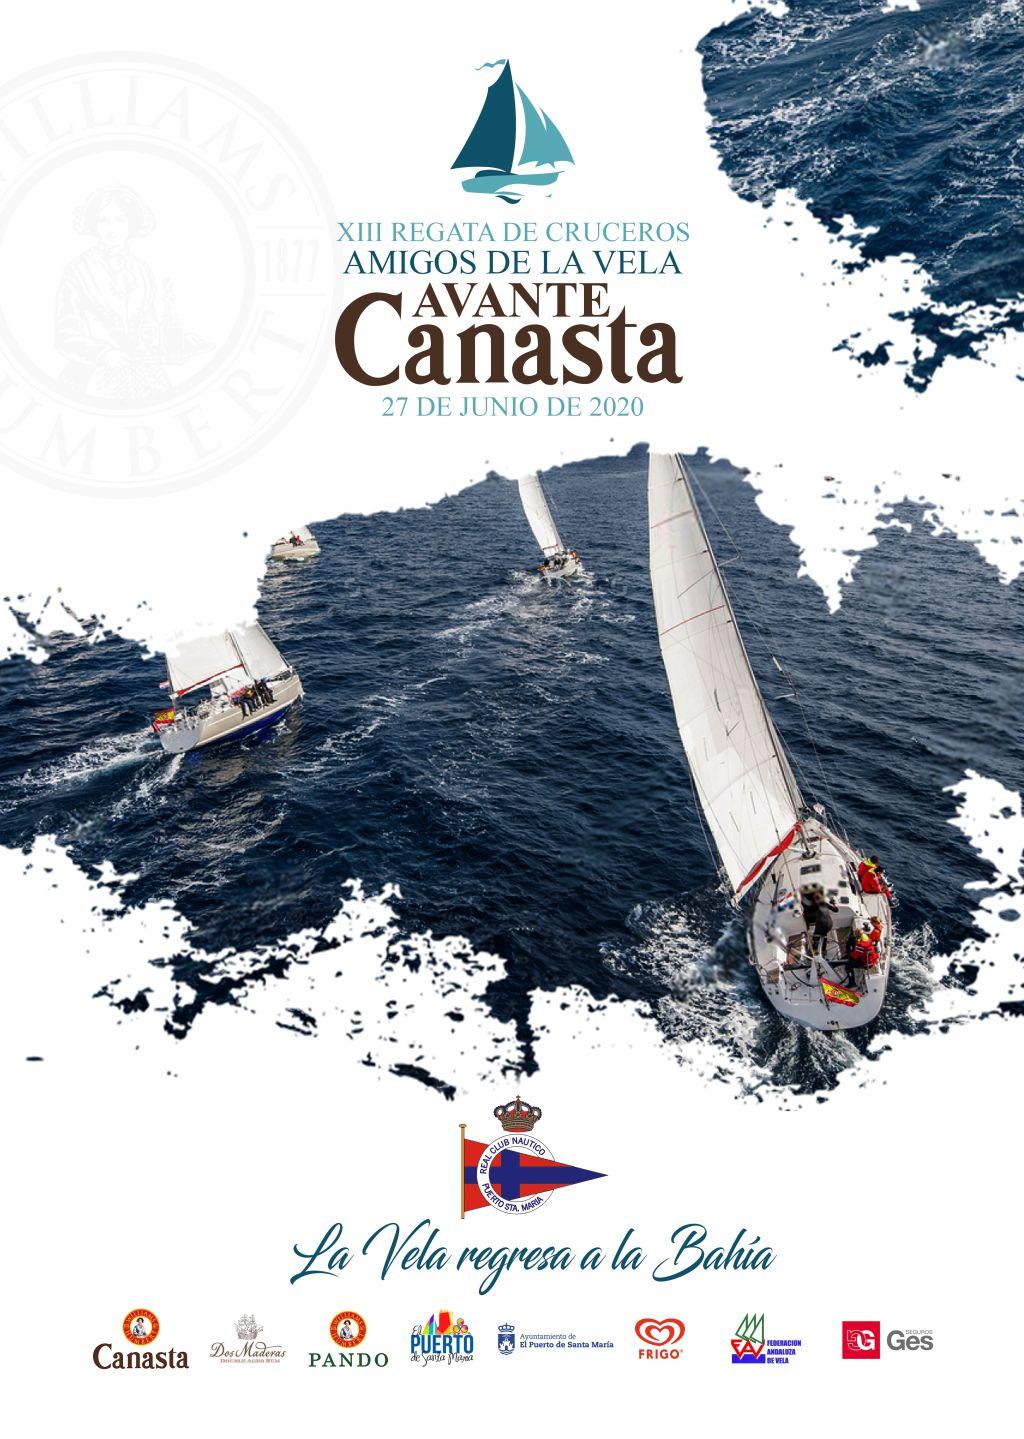 Los Amigos De La Vela Retoman La Competición De Cruceros En La Bahía Gaditana